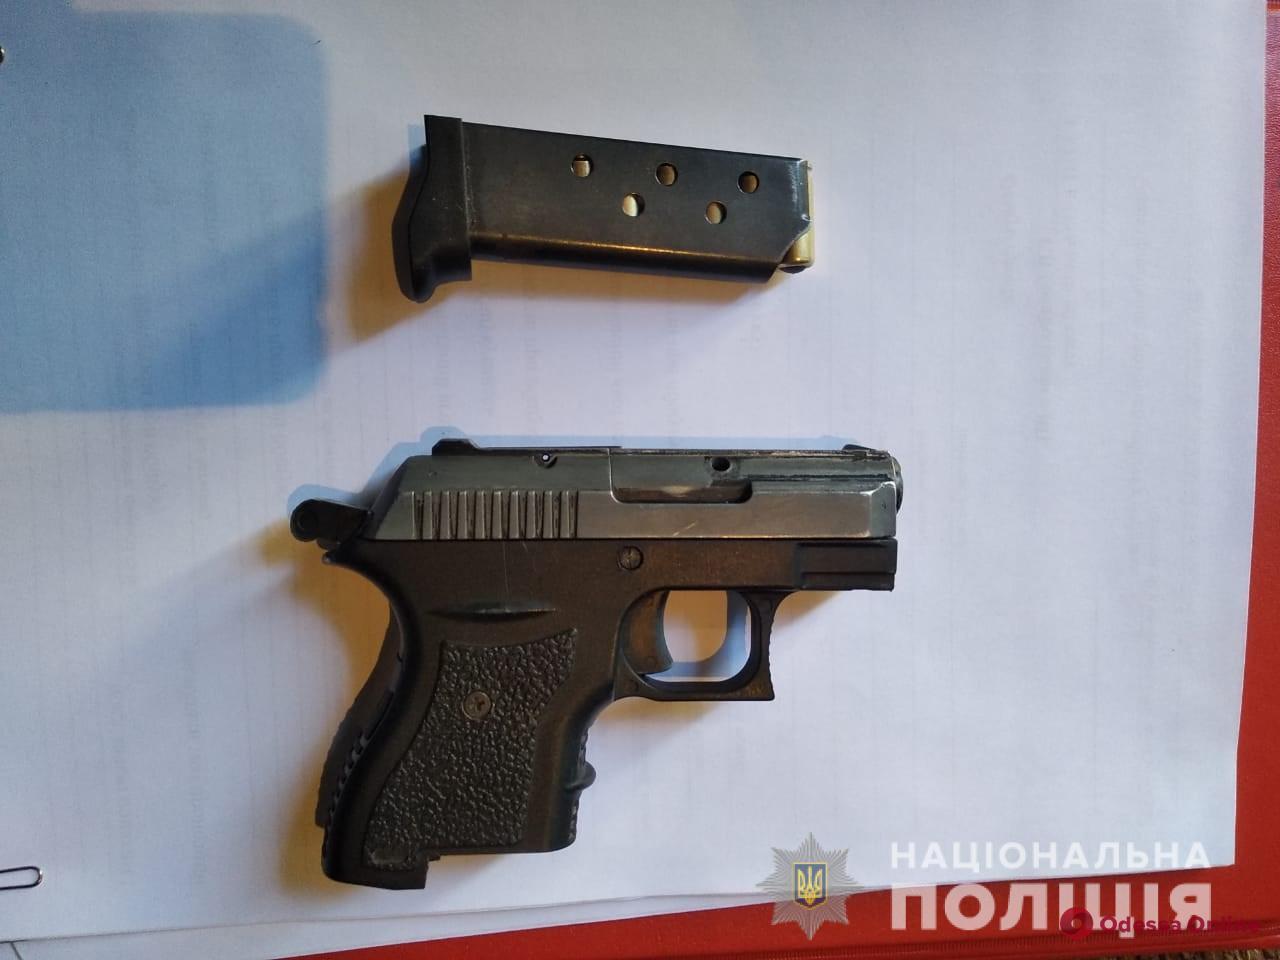 У жителей Одесской области нашли боеприпасы, оружие и наркотики